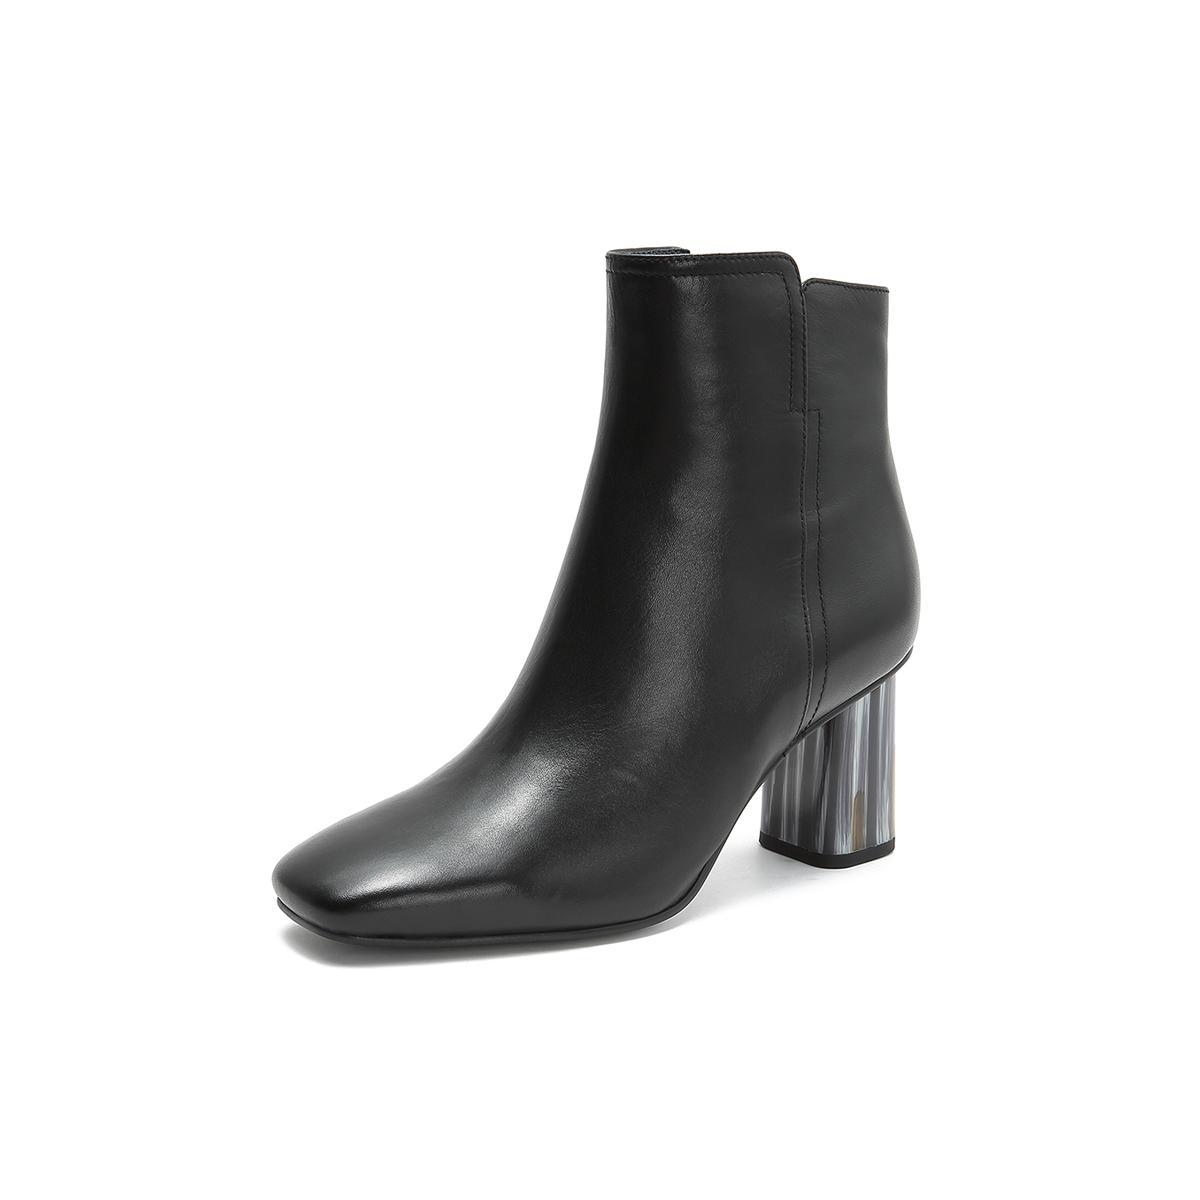 真美诗真美诗冬季专柜同款高跟女靴牛皮短筒靴黑色JZPYPF30DU1DD8